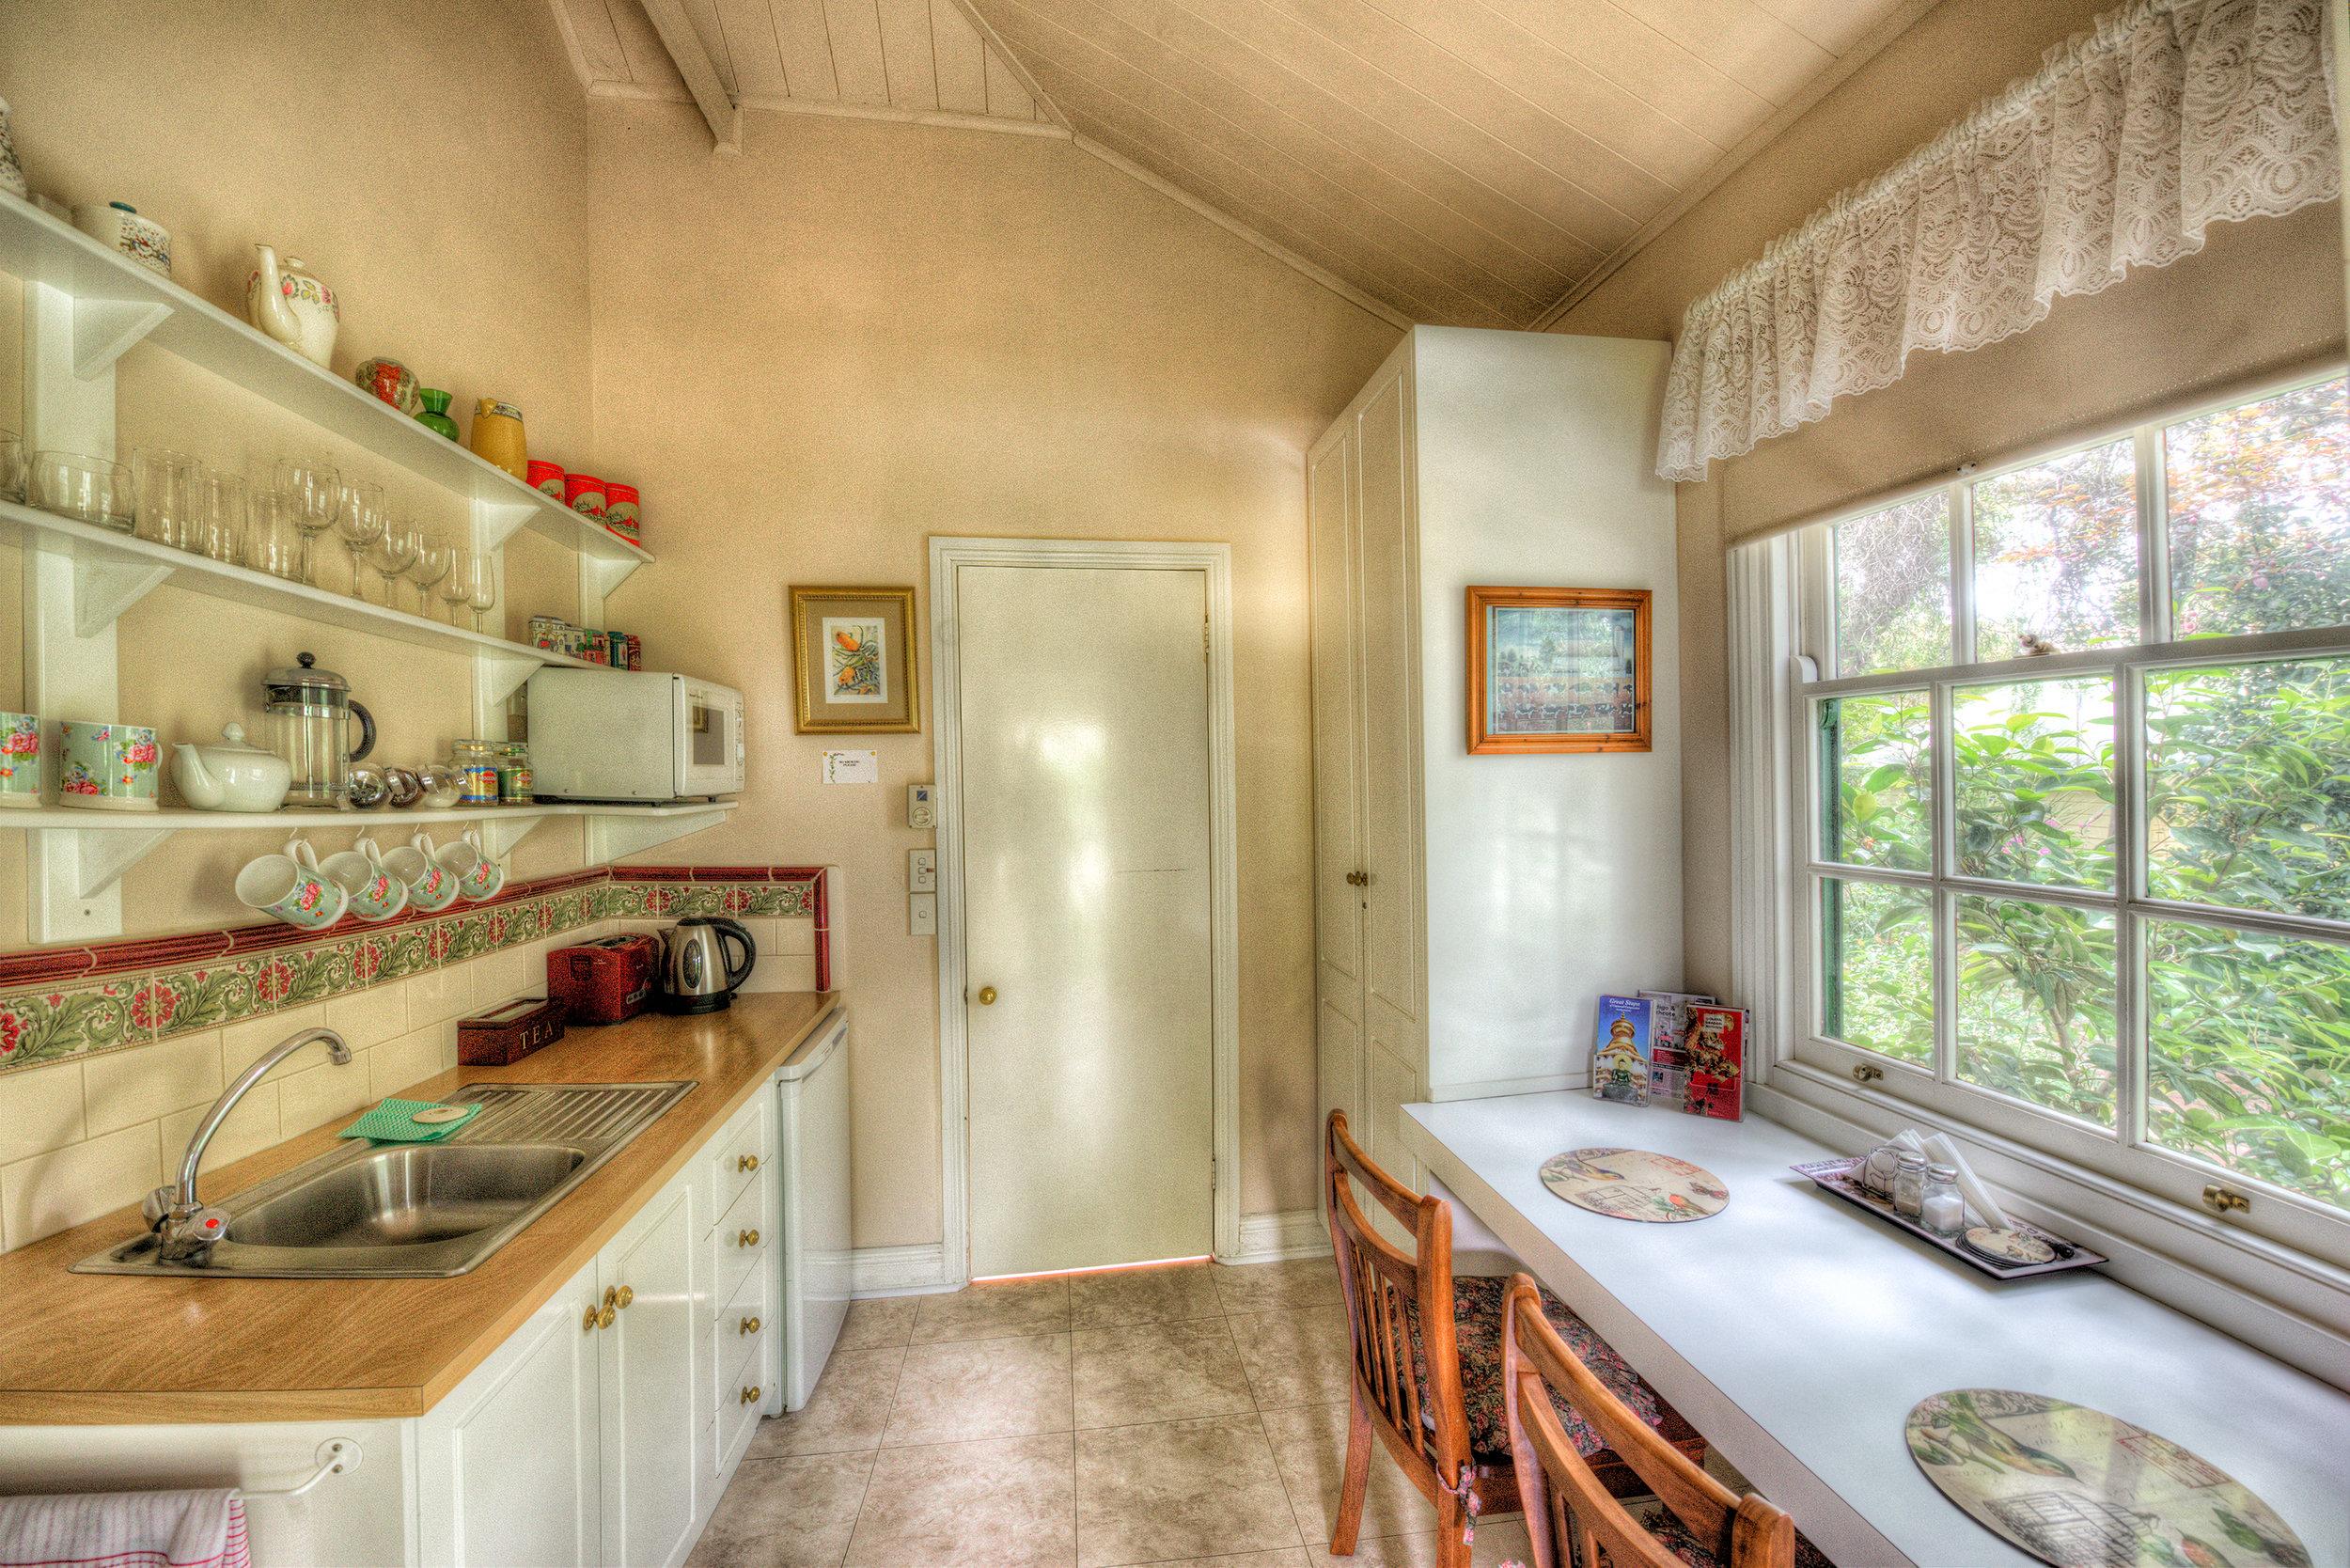 Robins-Nest-Kitchen.jpg